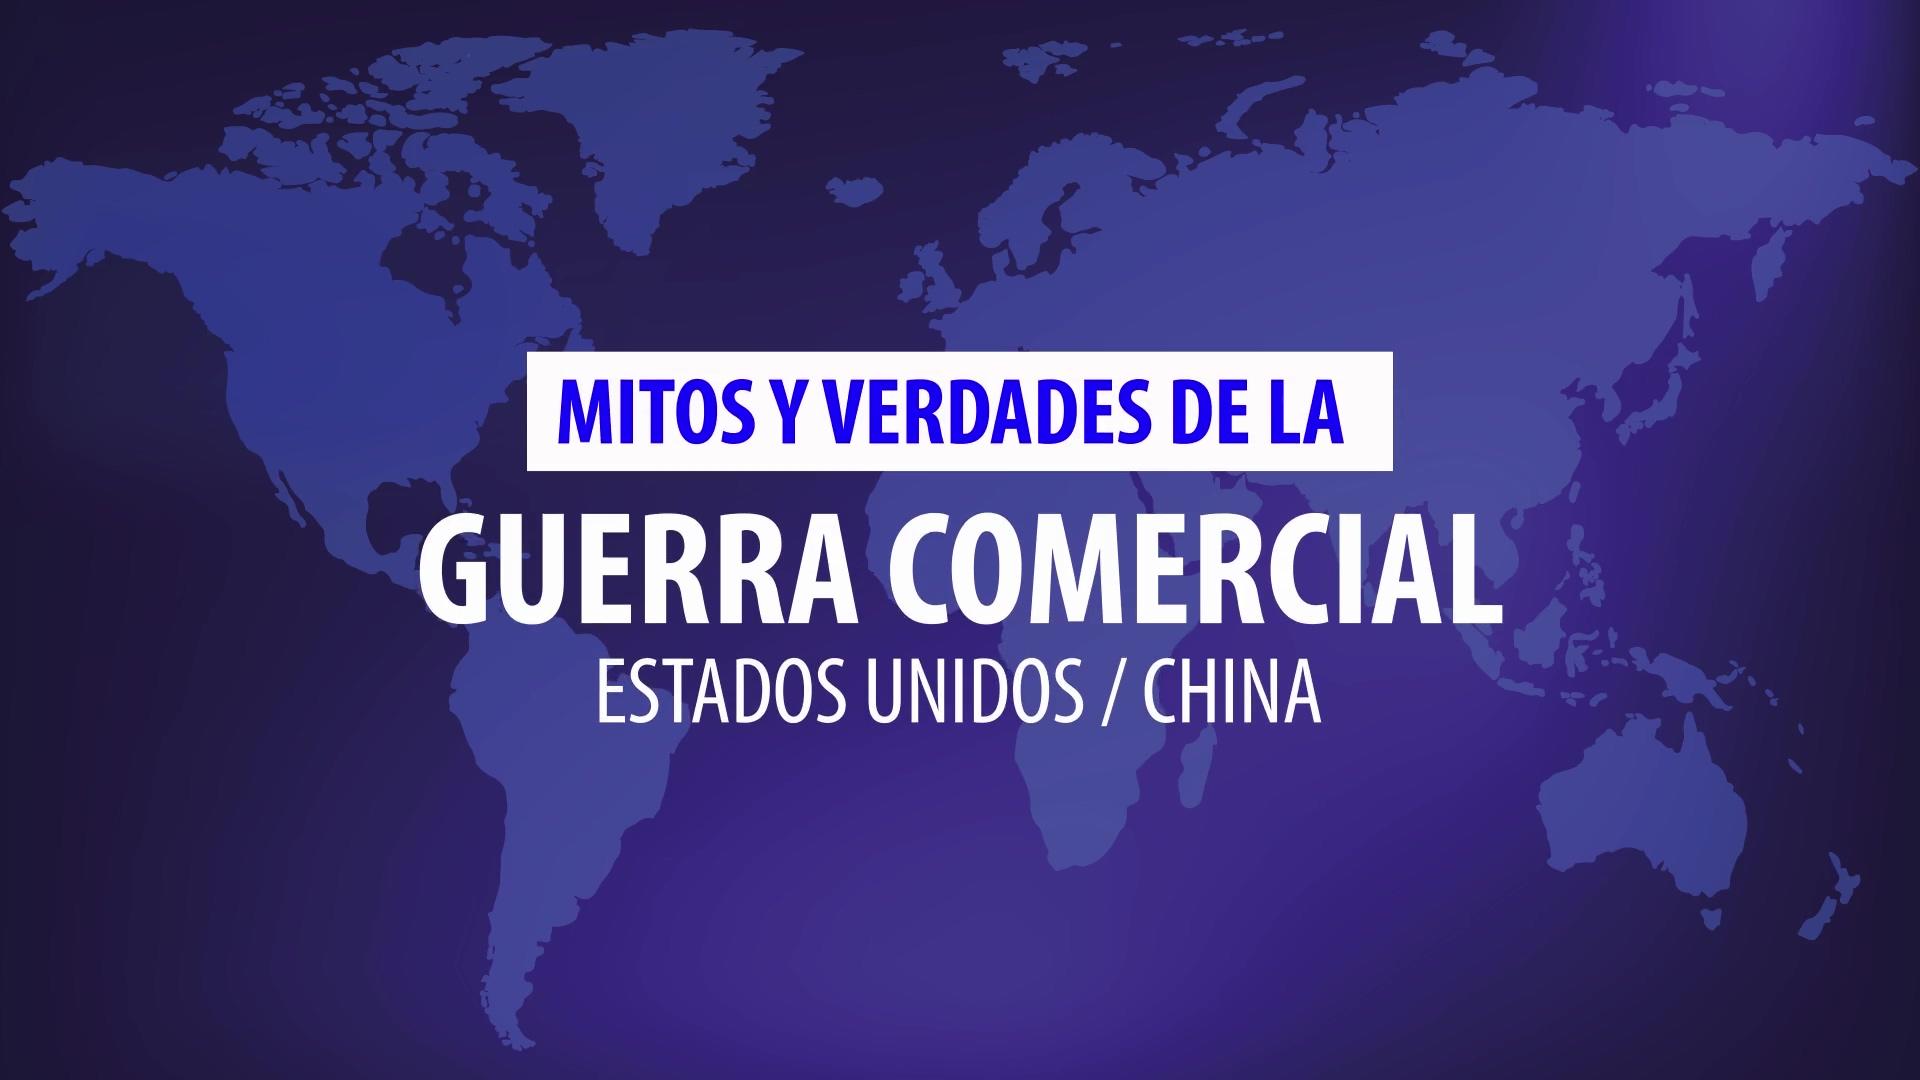 Guerra Comercial Estados Unidos - China Final